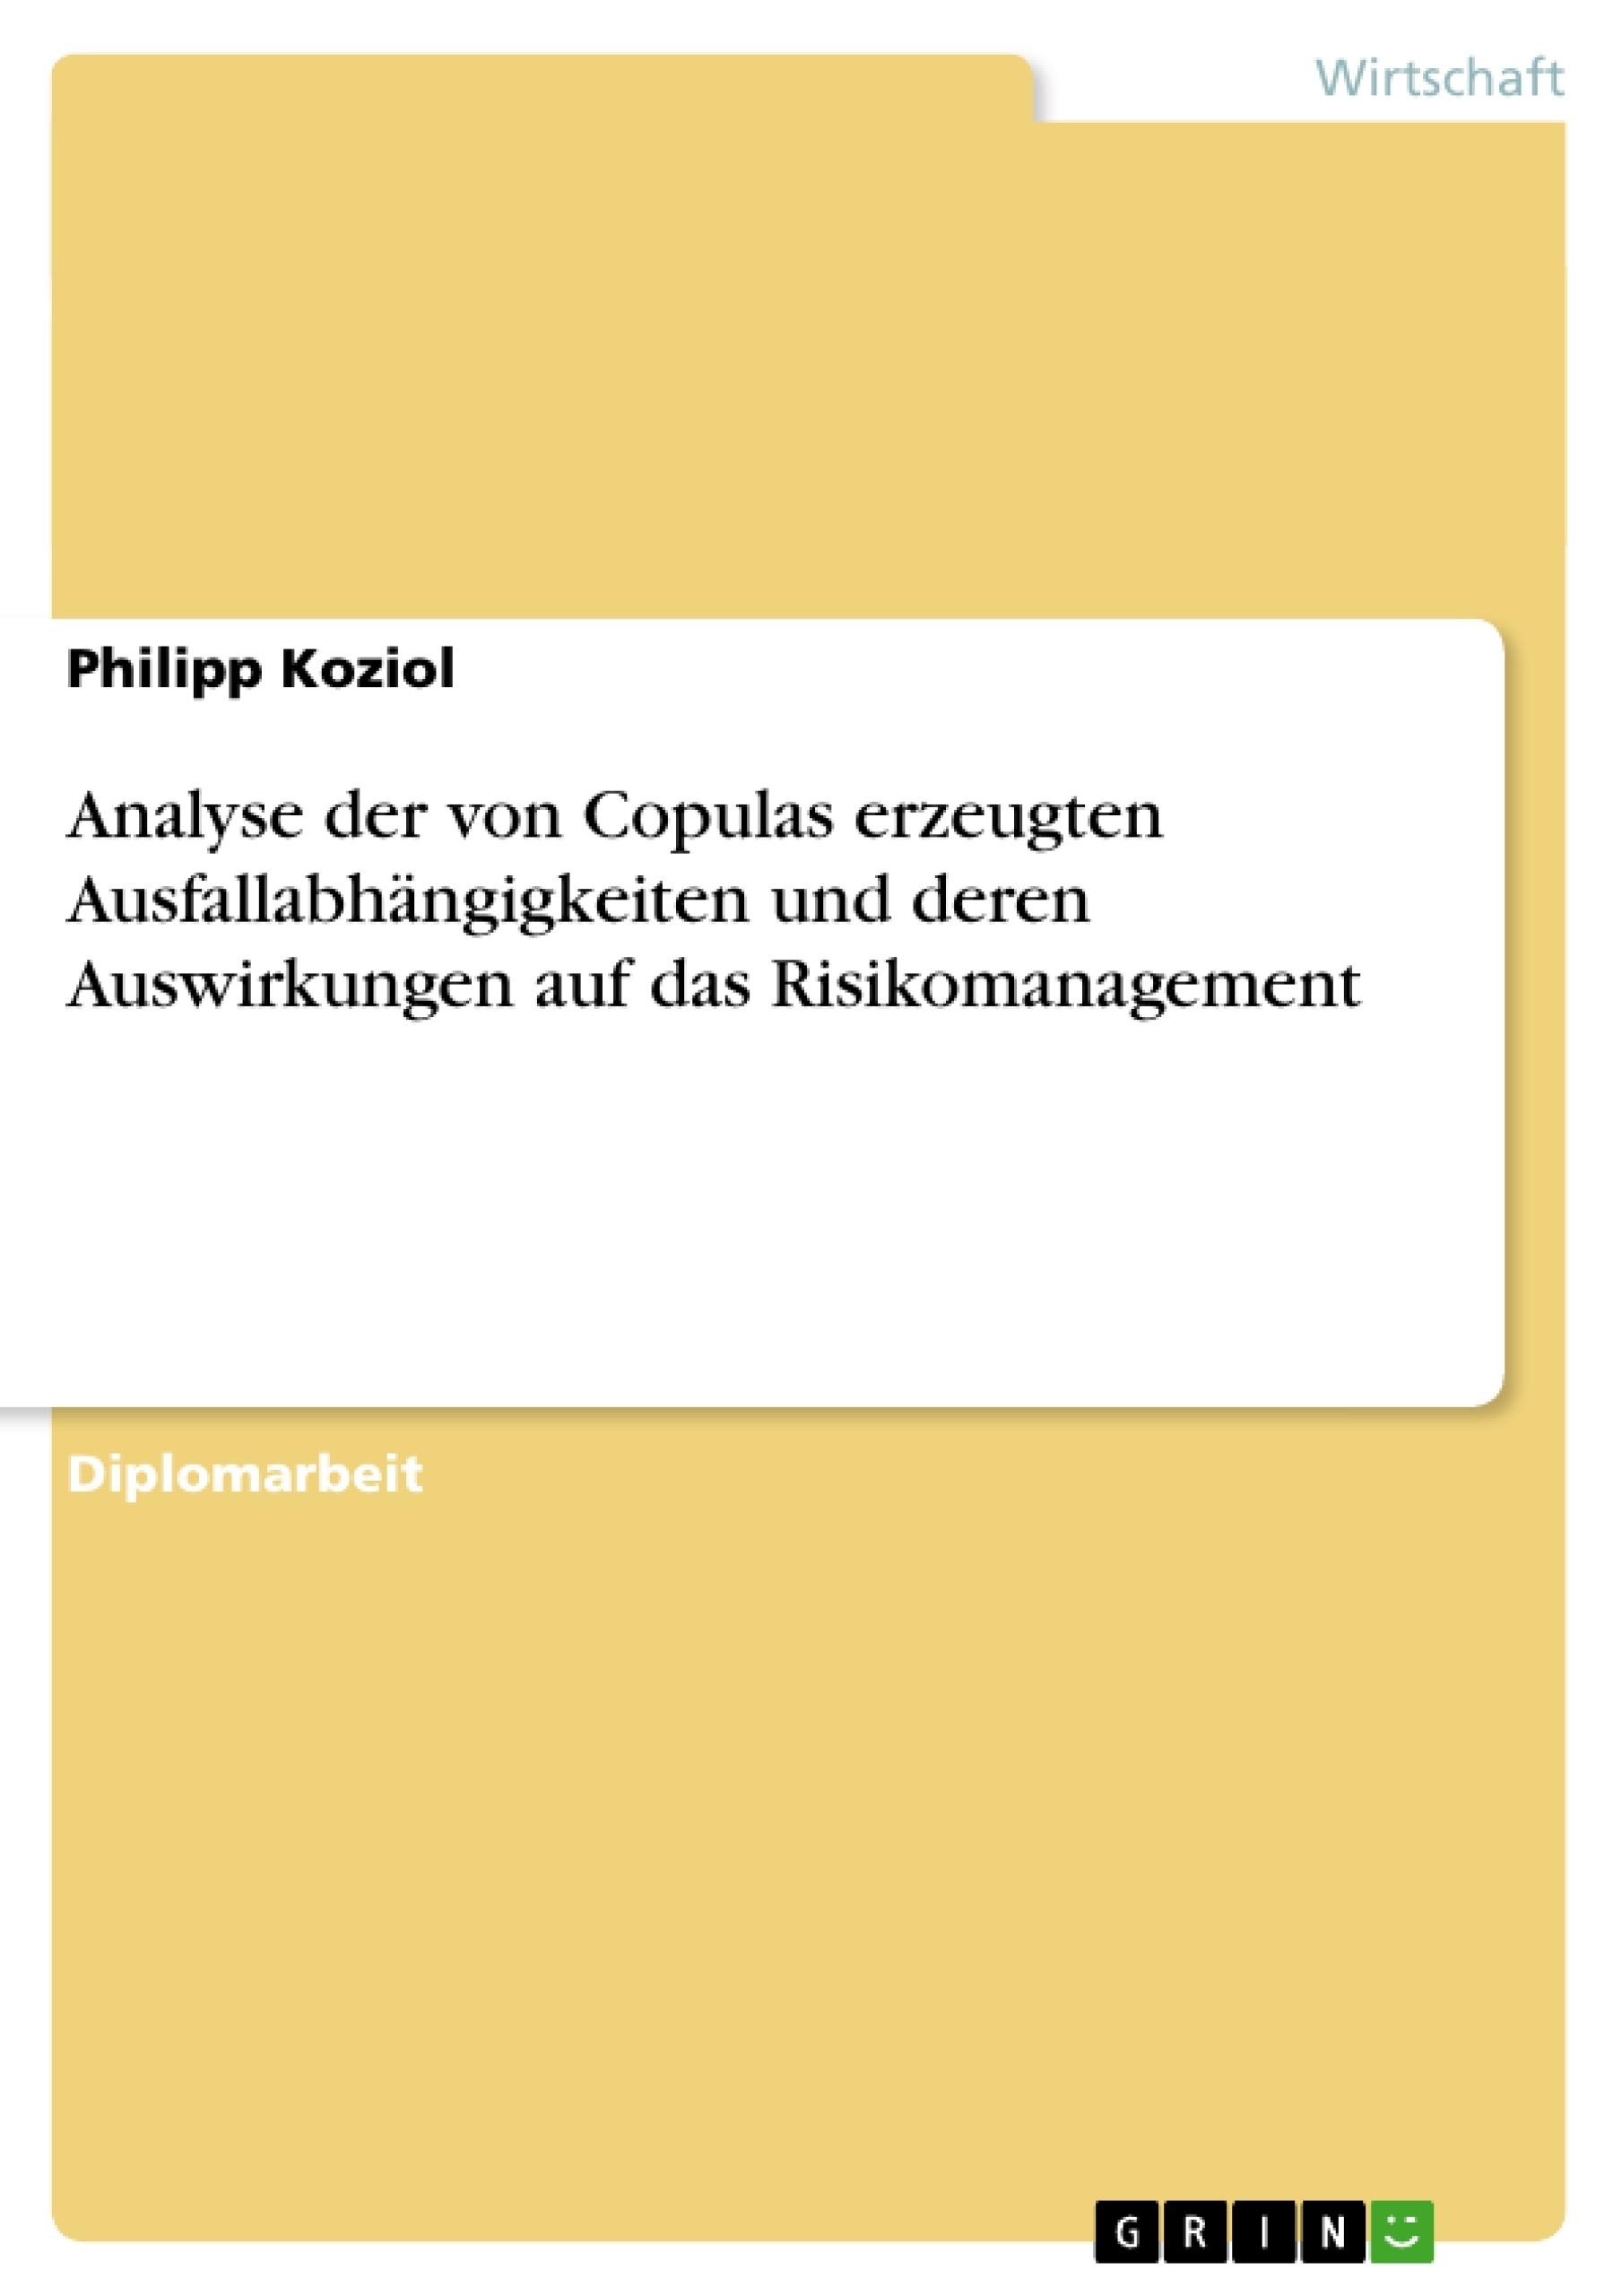 Titel: Analyse der von Copulas erzeugten Ausfallabhängigkeiten und deren Auswirkungen auf das Risikomanagement